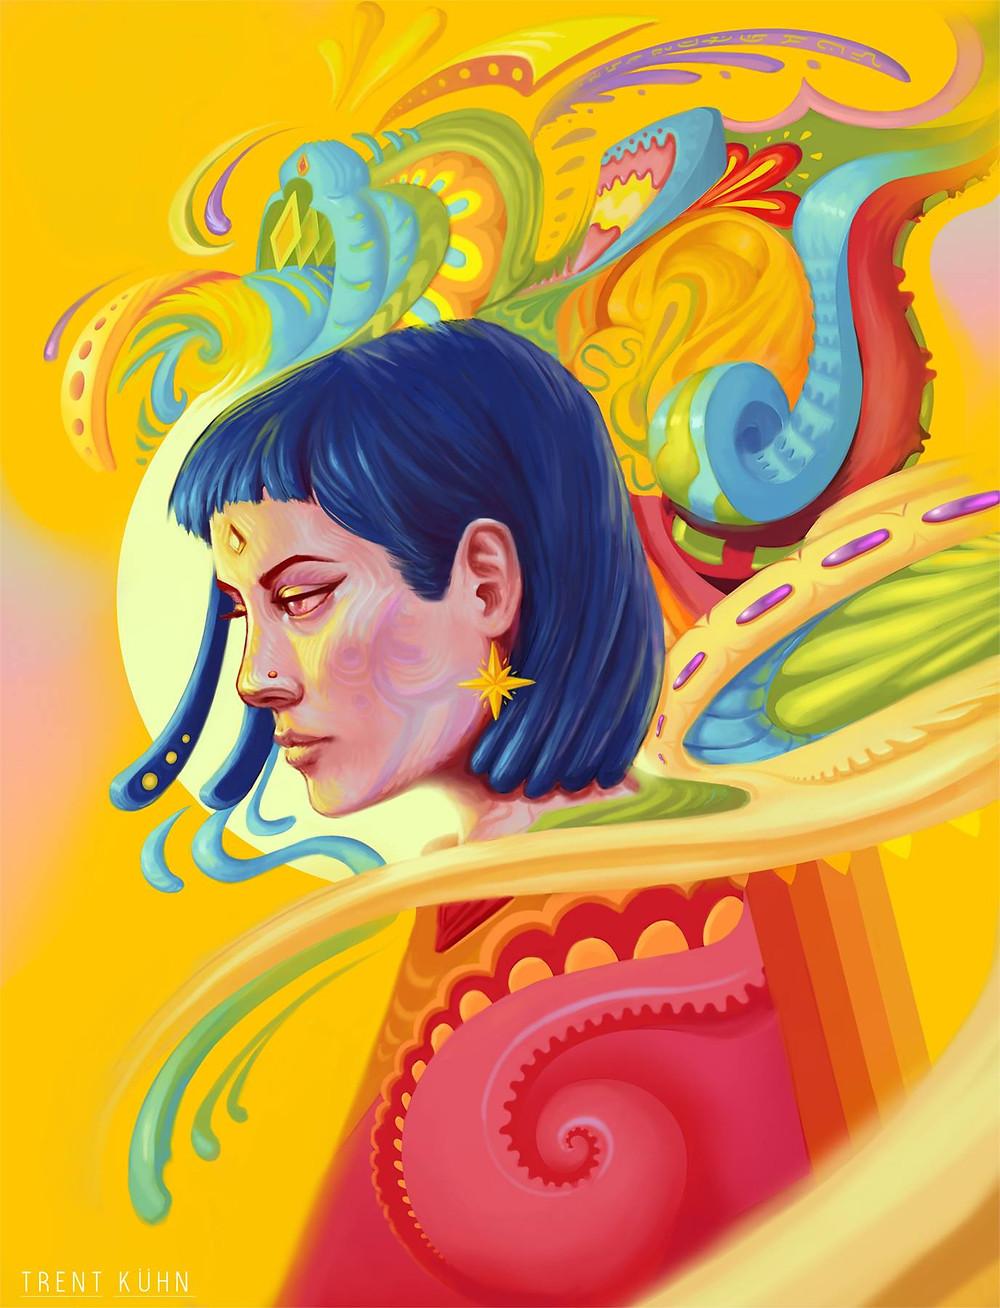 Art by Trent Kuhn the artist